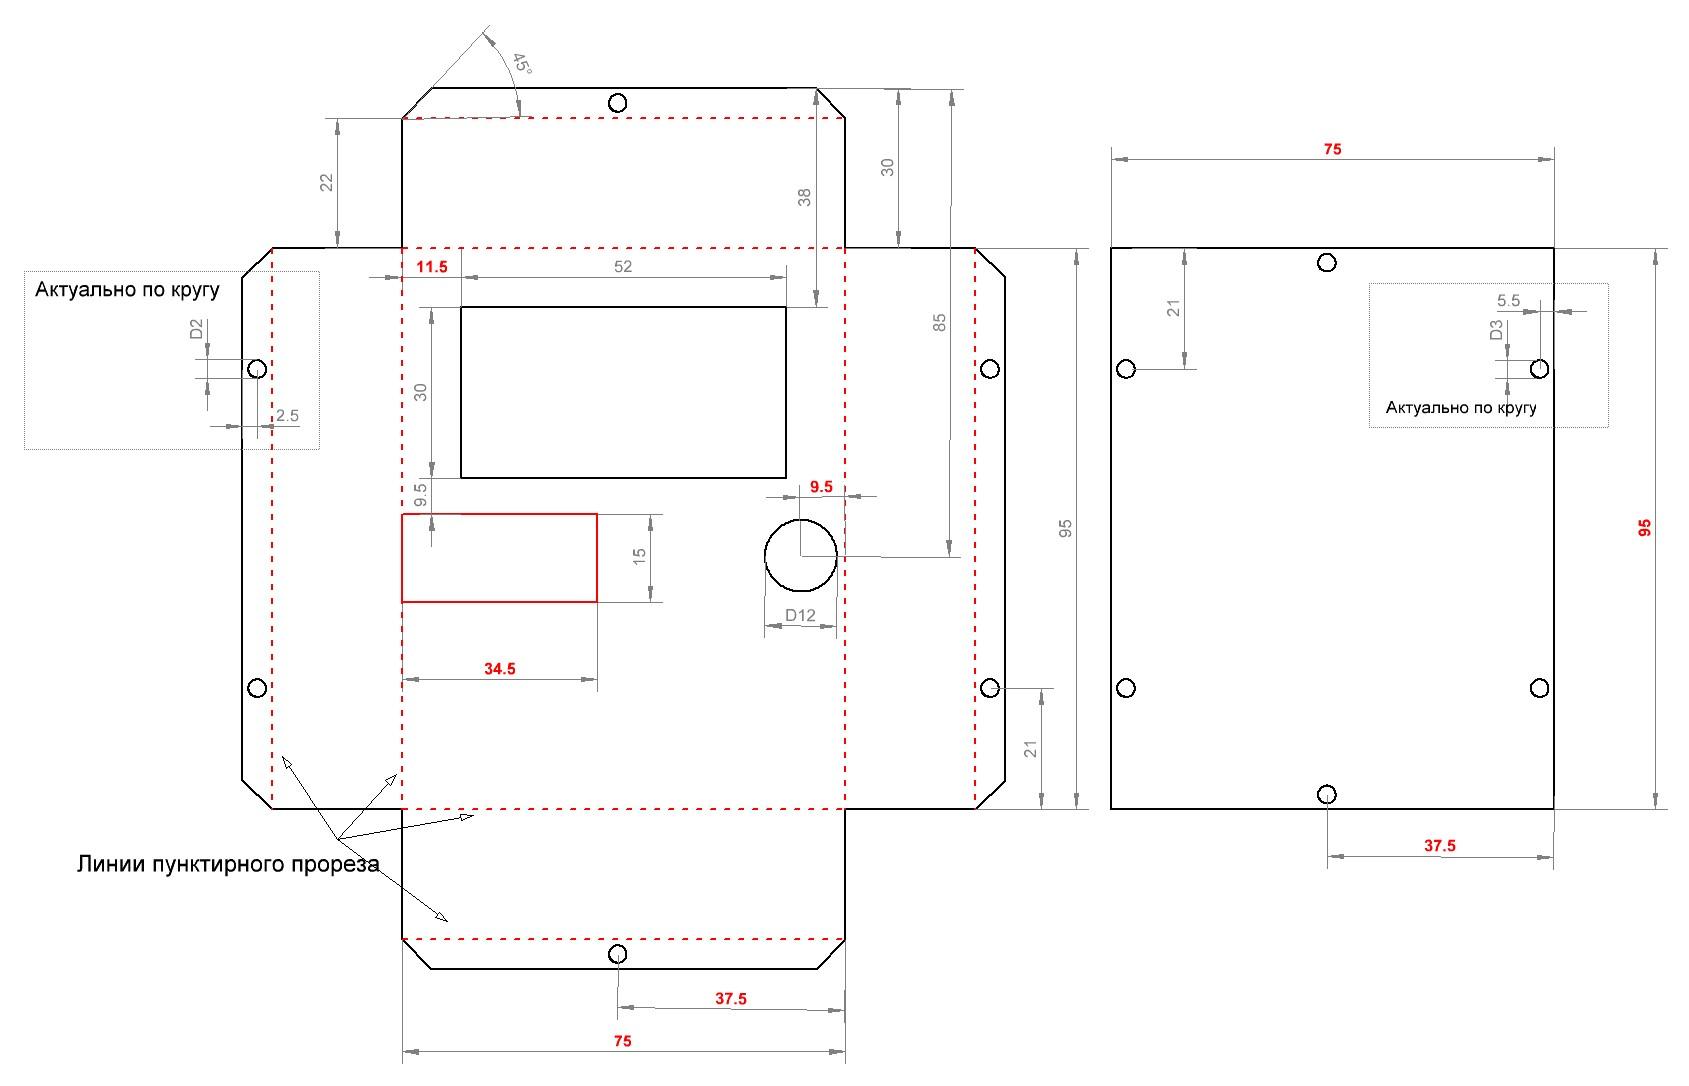 корпус lcr-метр.jpg Металлический корпус для LCR метра